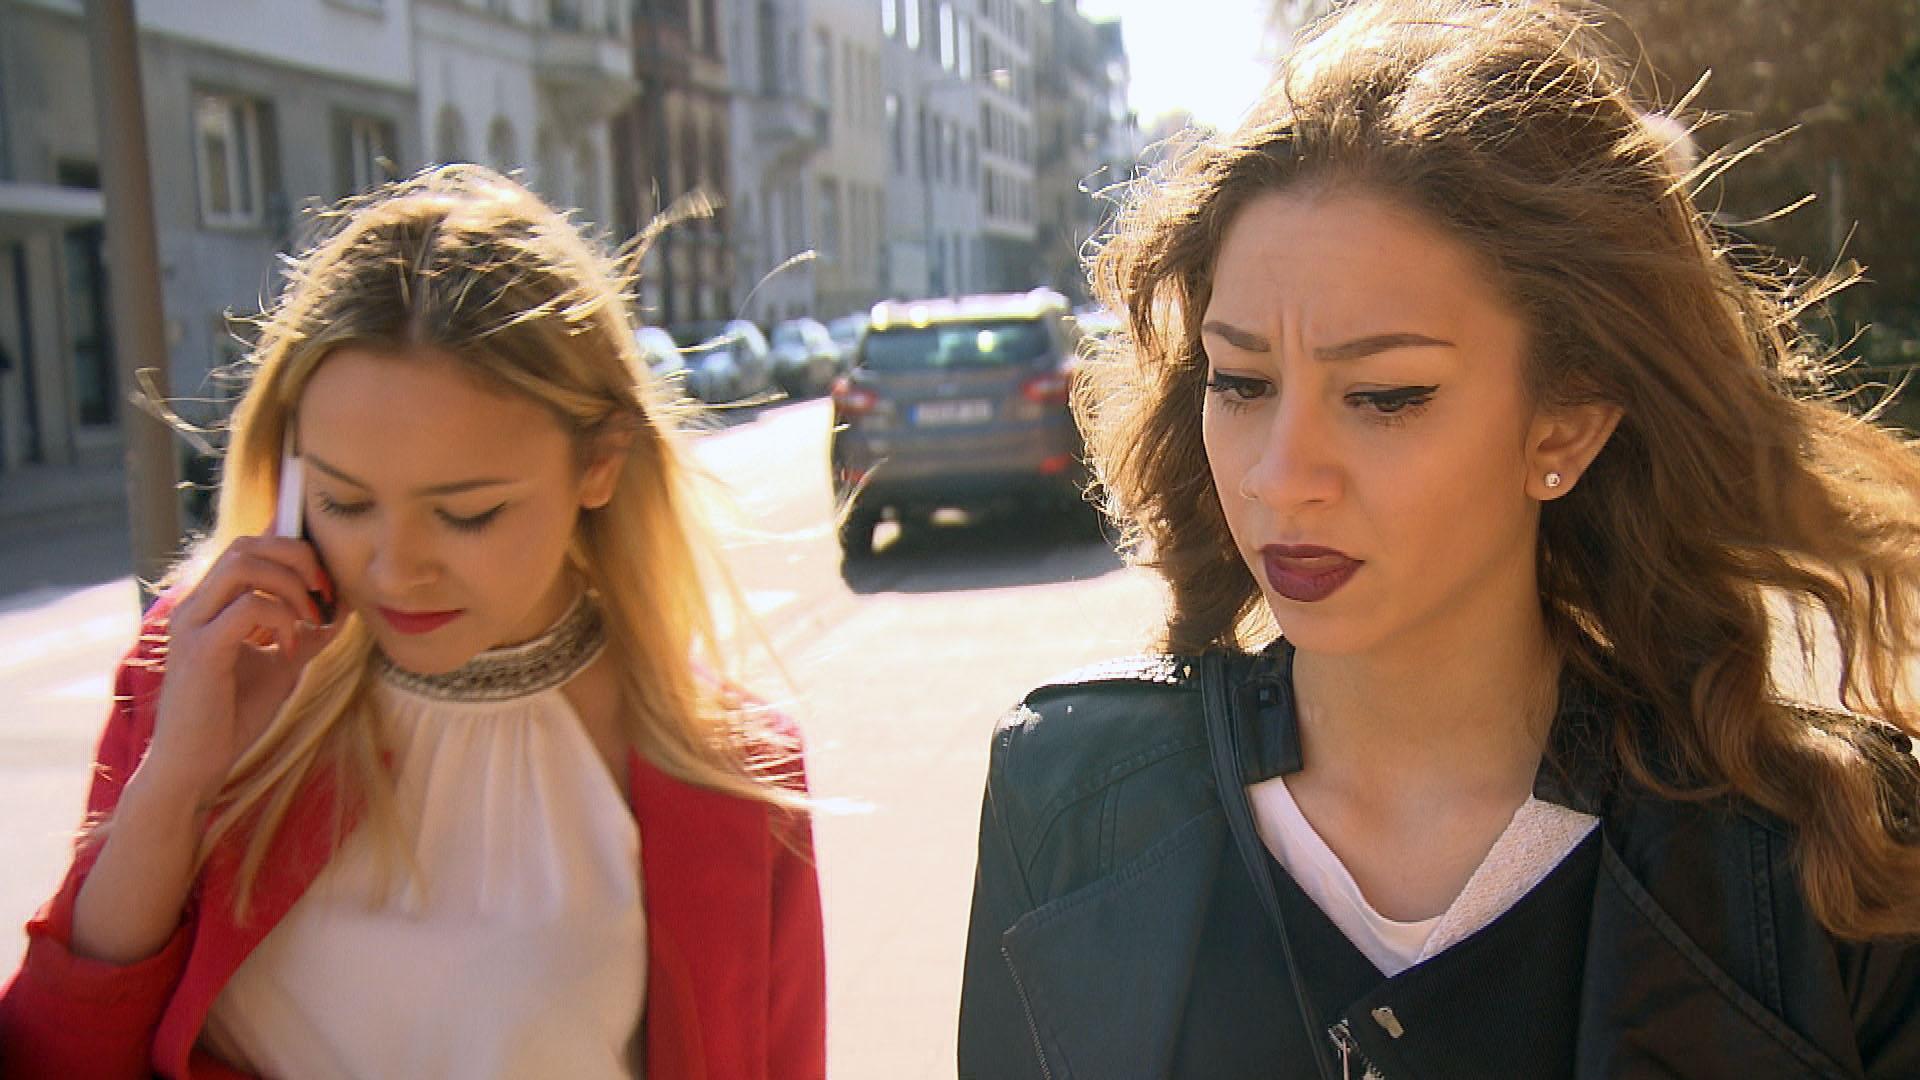 Elli,re.lässt sich von Lina,li. verunsichern: Verliert Chico das Interesse an ihr? (Quelle: RTL 2)